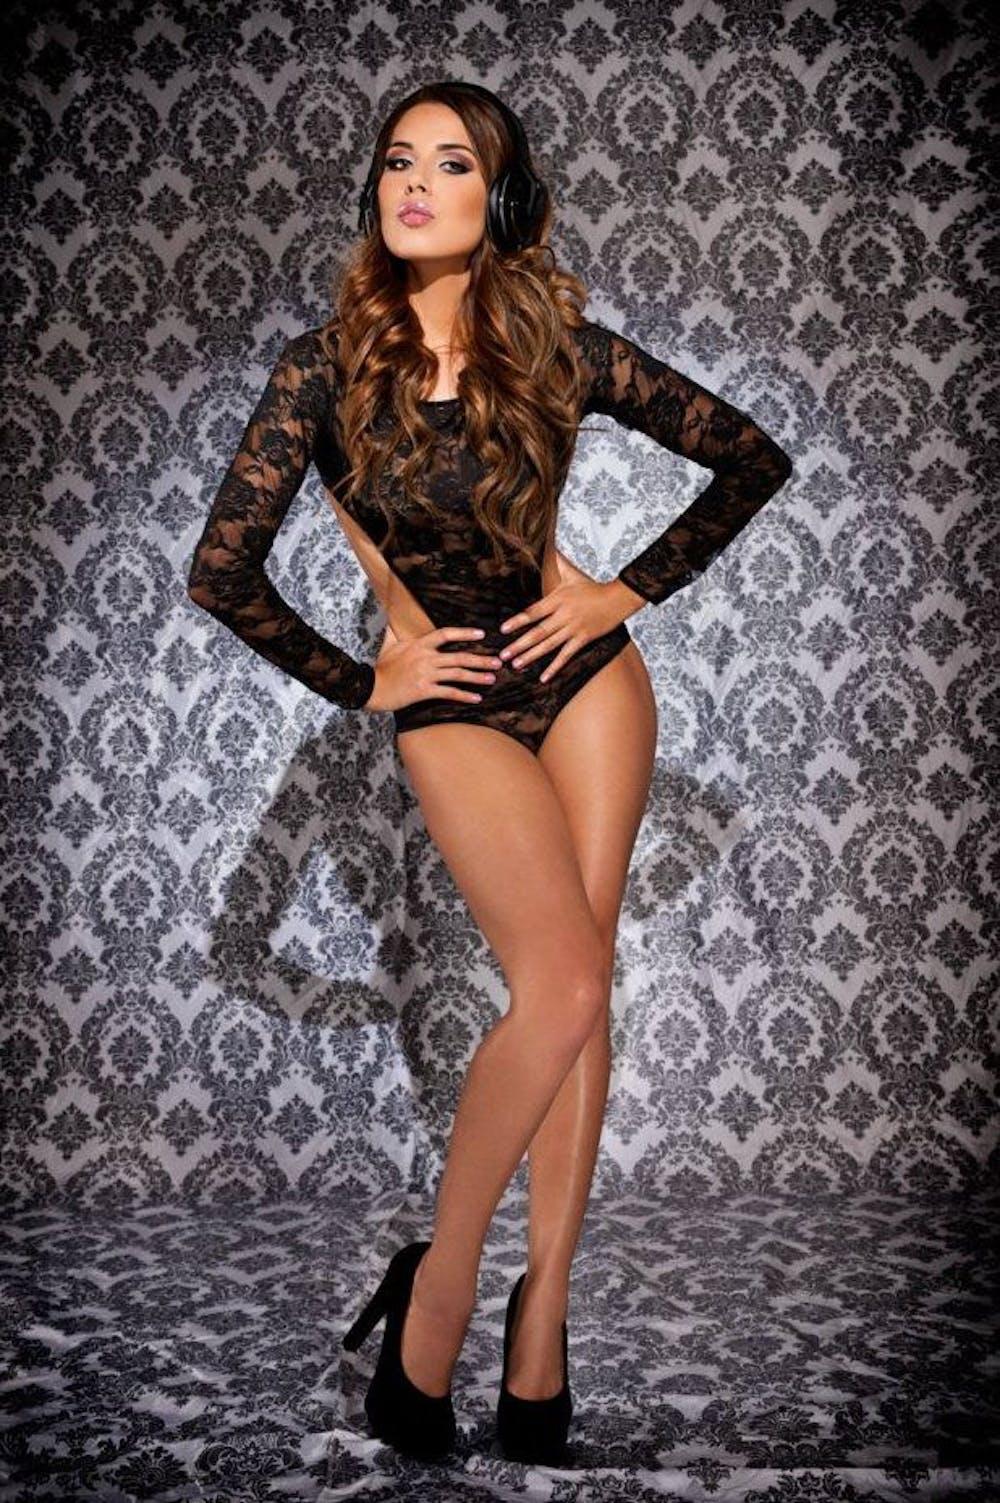 Stephanie Loayza